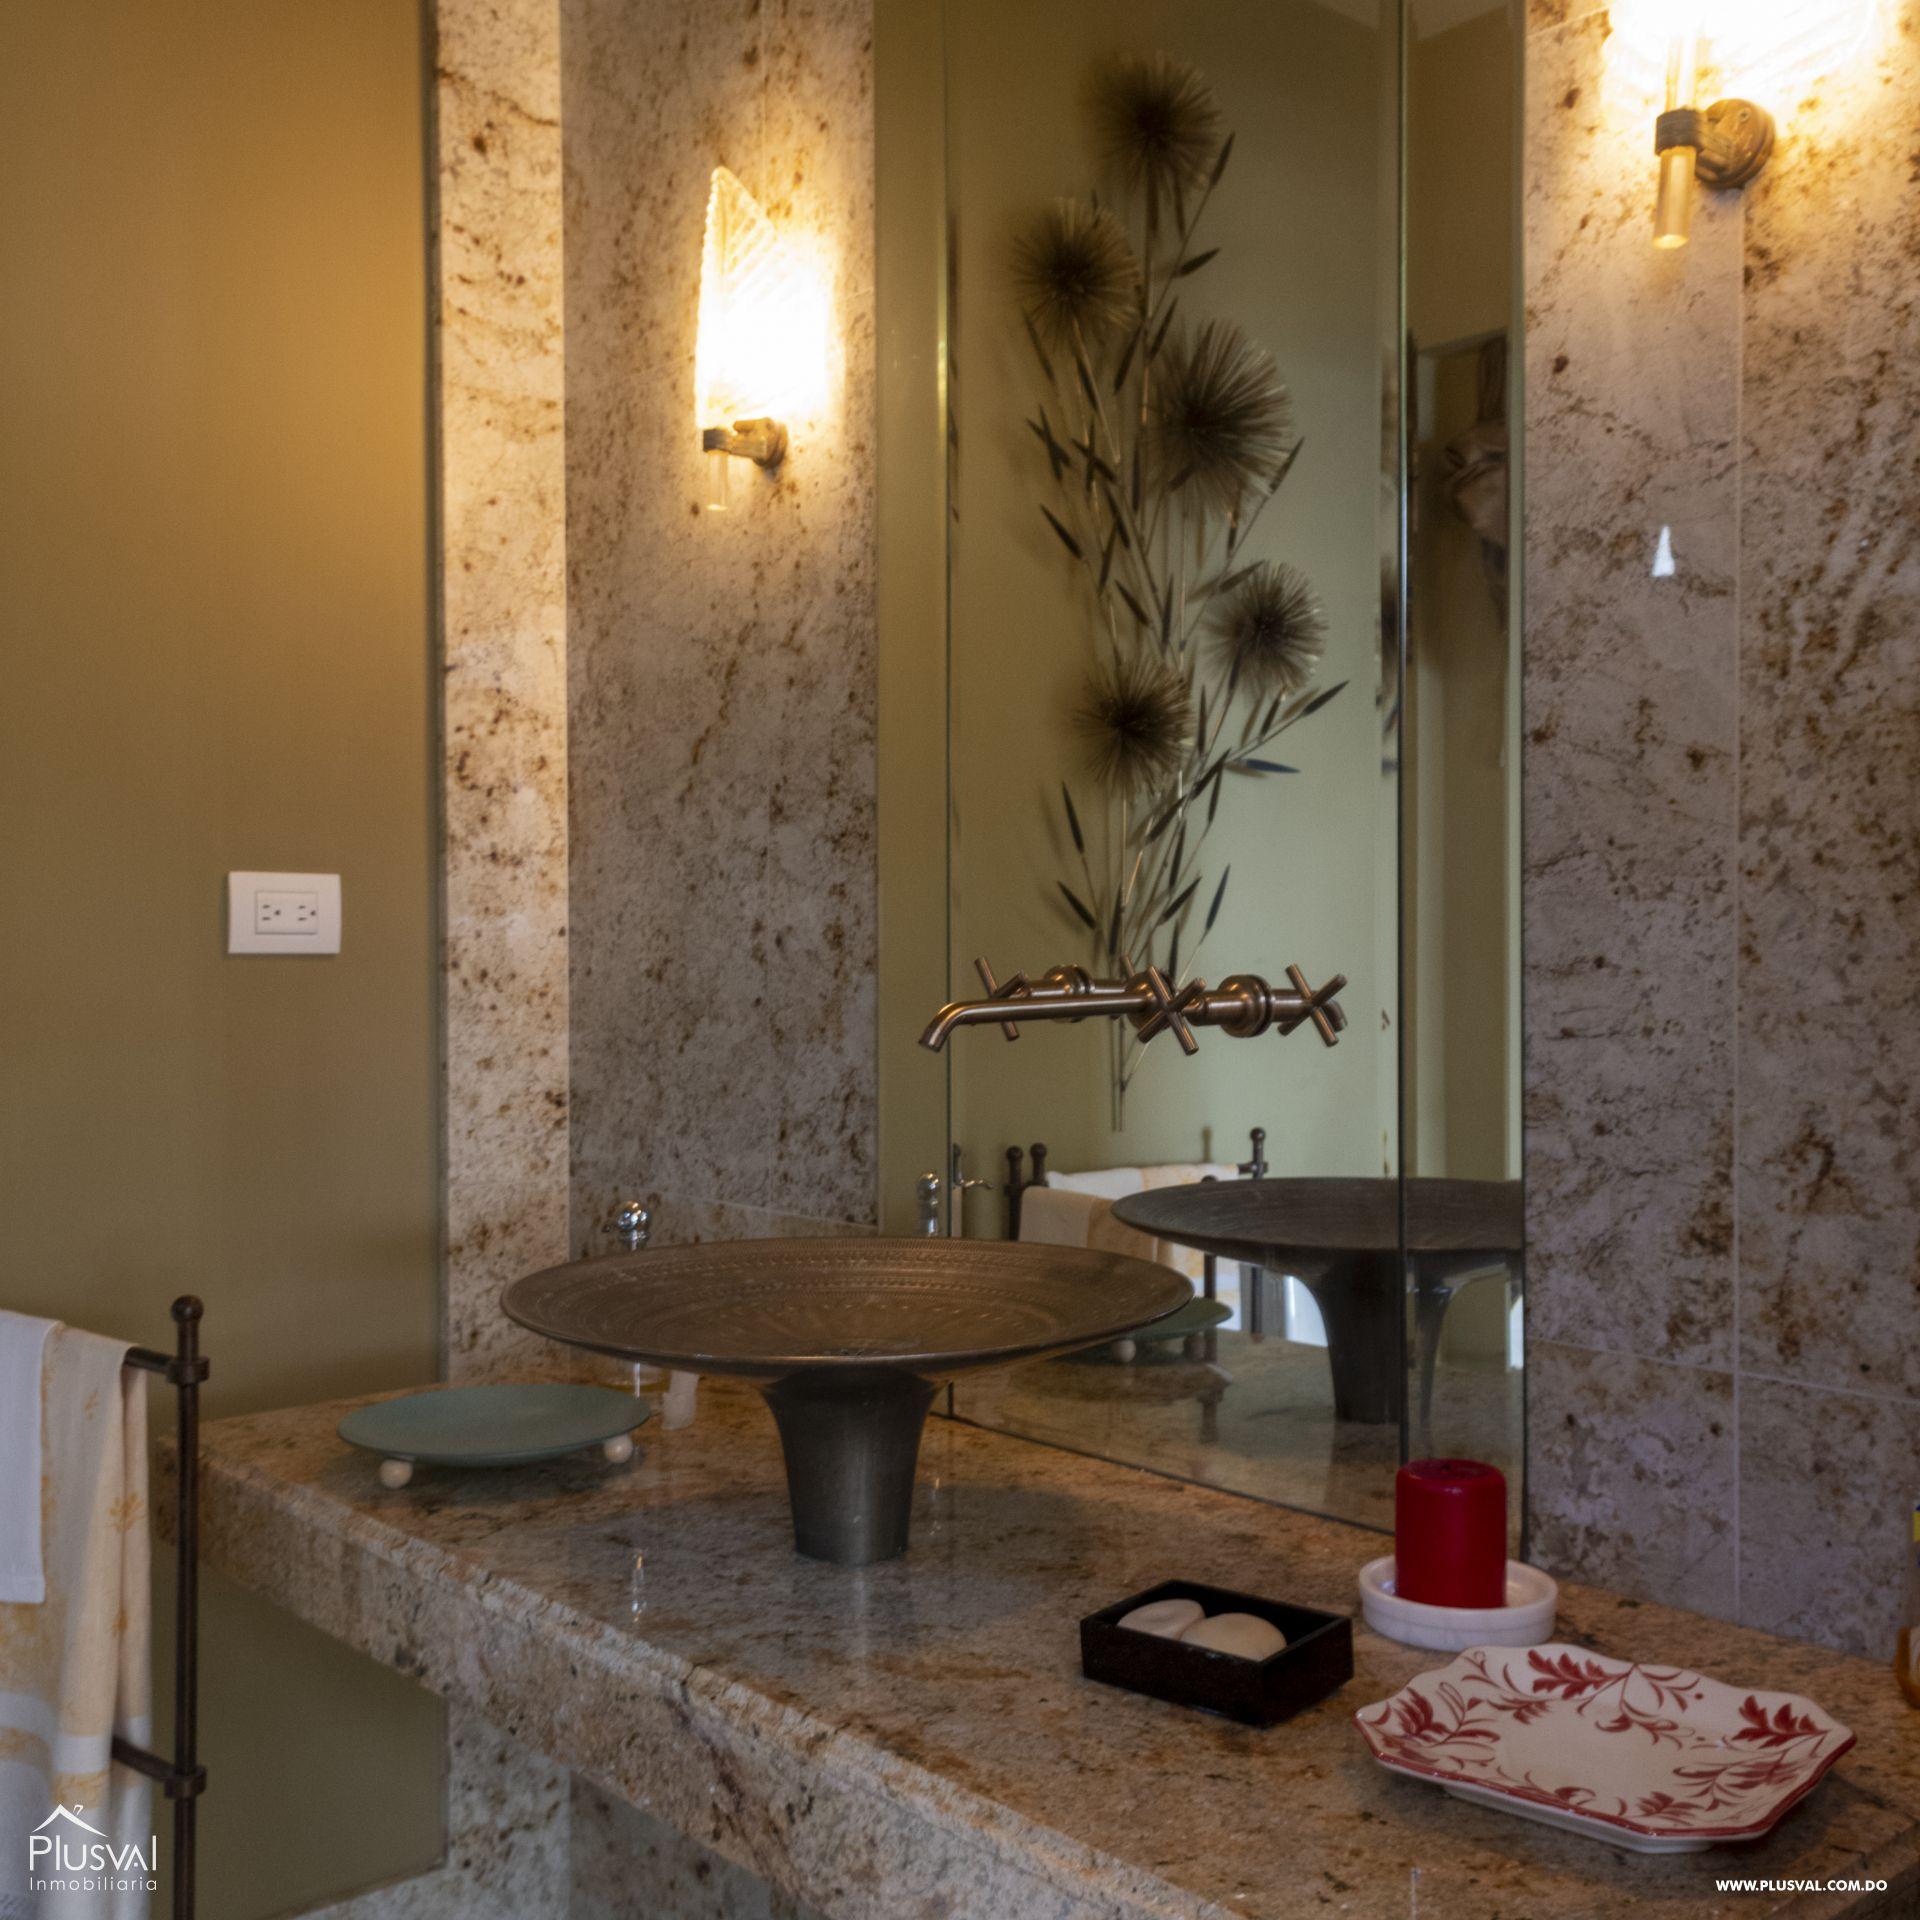 Penthouse en Venta en Naco con 8 parqueos 155360